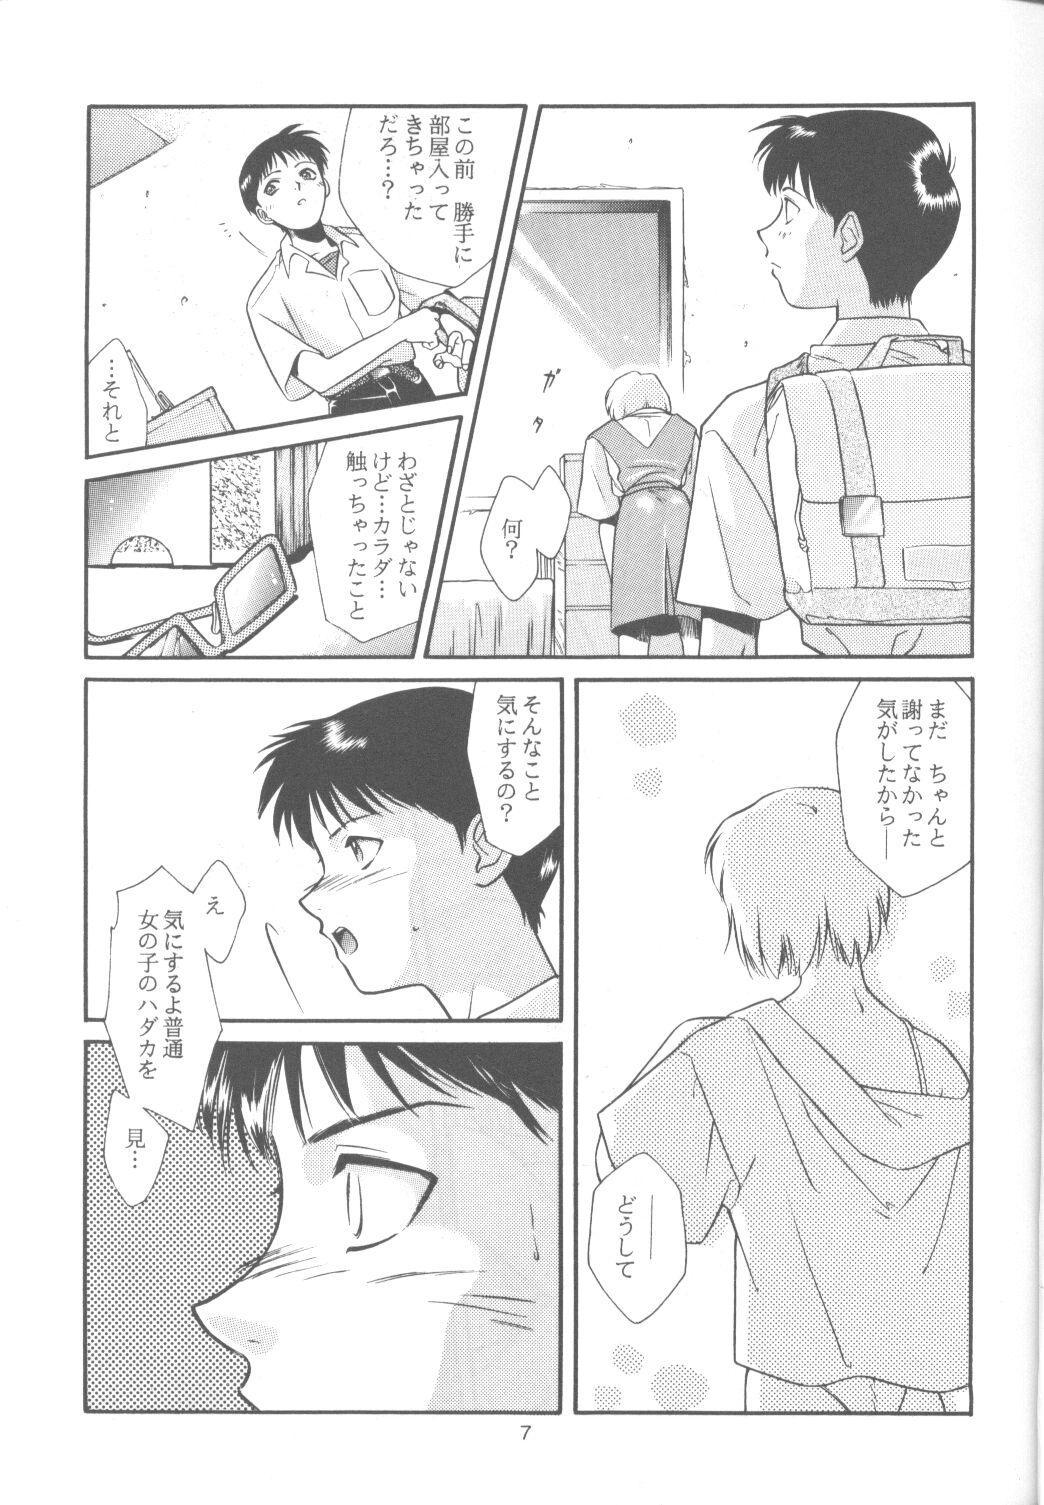 Tabeta Kigasuru 14 5